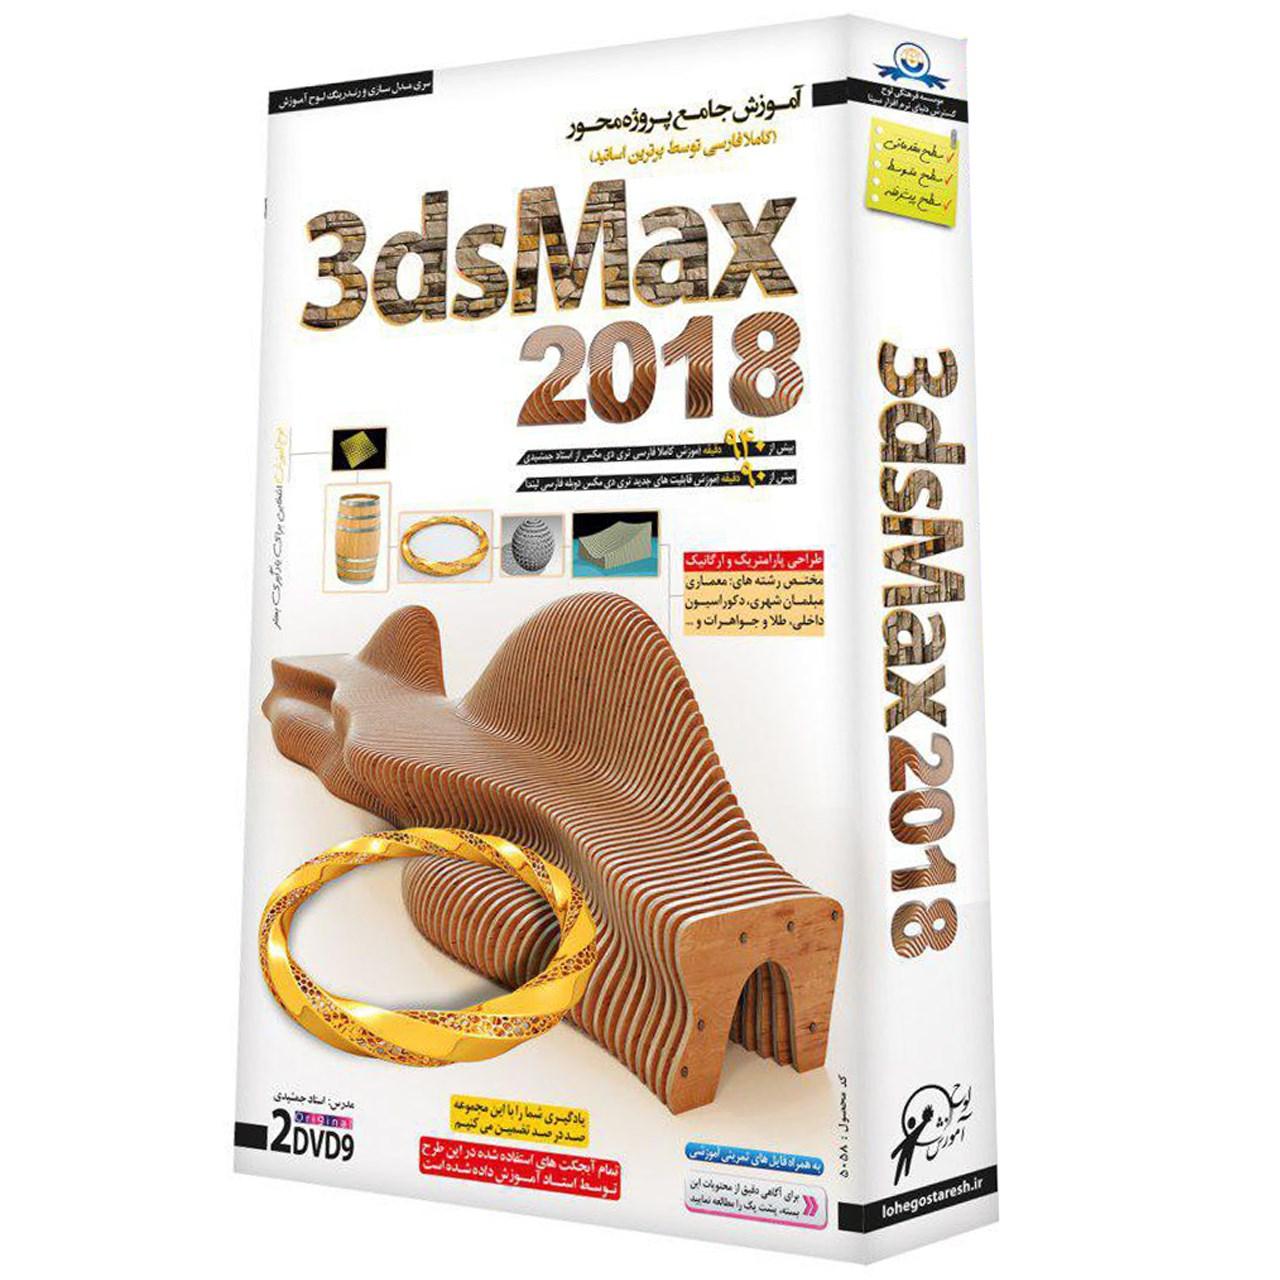 نرم افزار آموزش 3DsMax ورژن 2018 انتشارات لوح آموزش